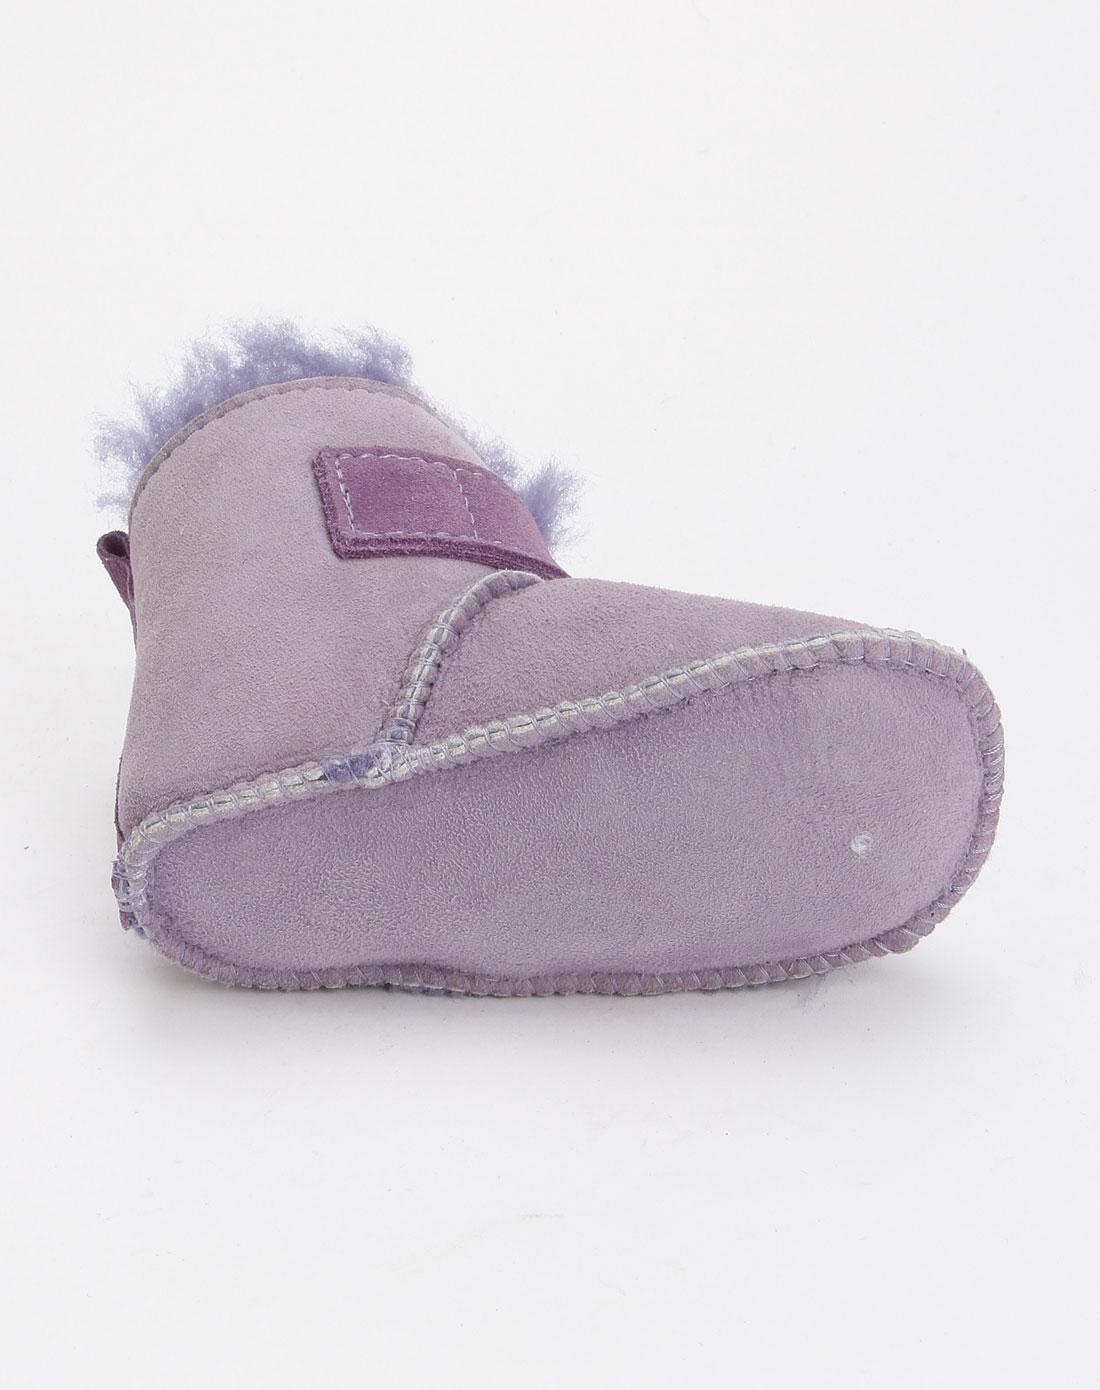 紫色可爱婴儿鞋